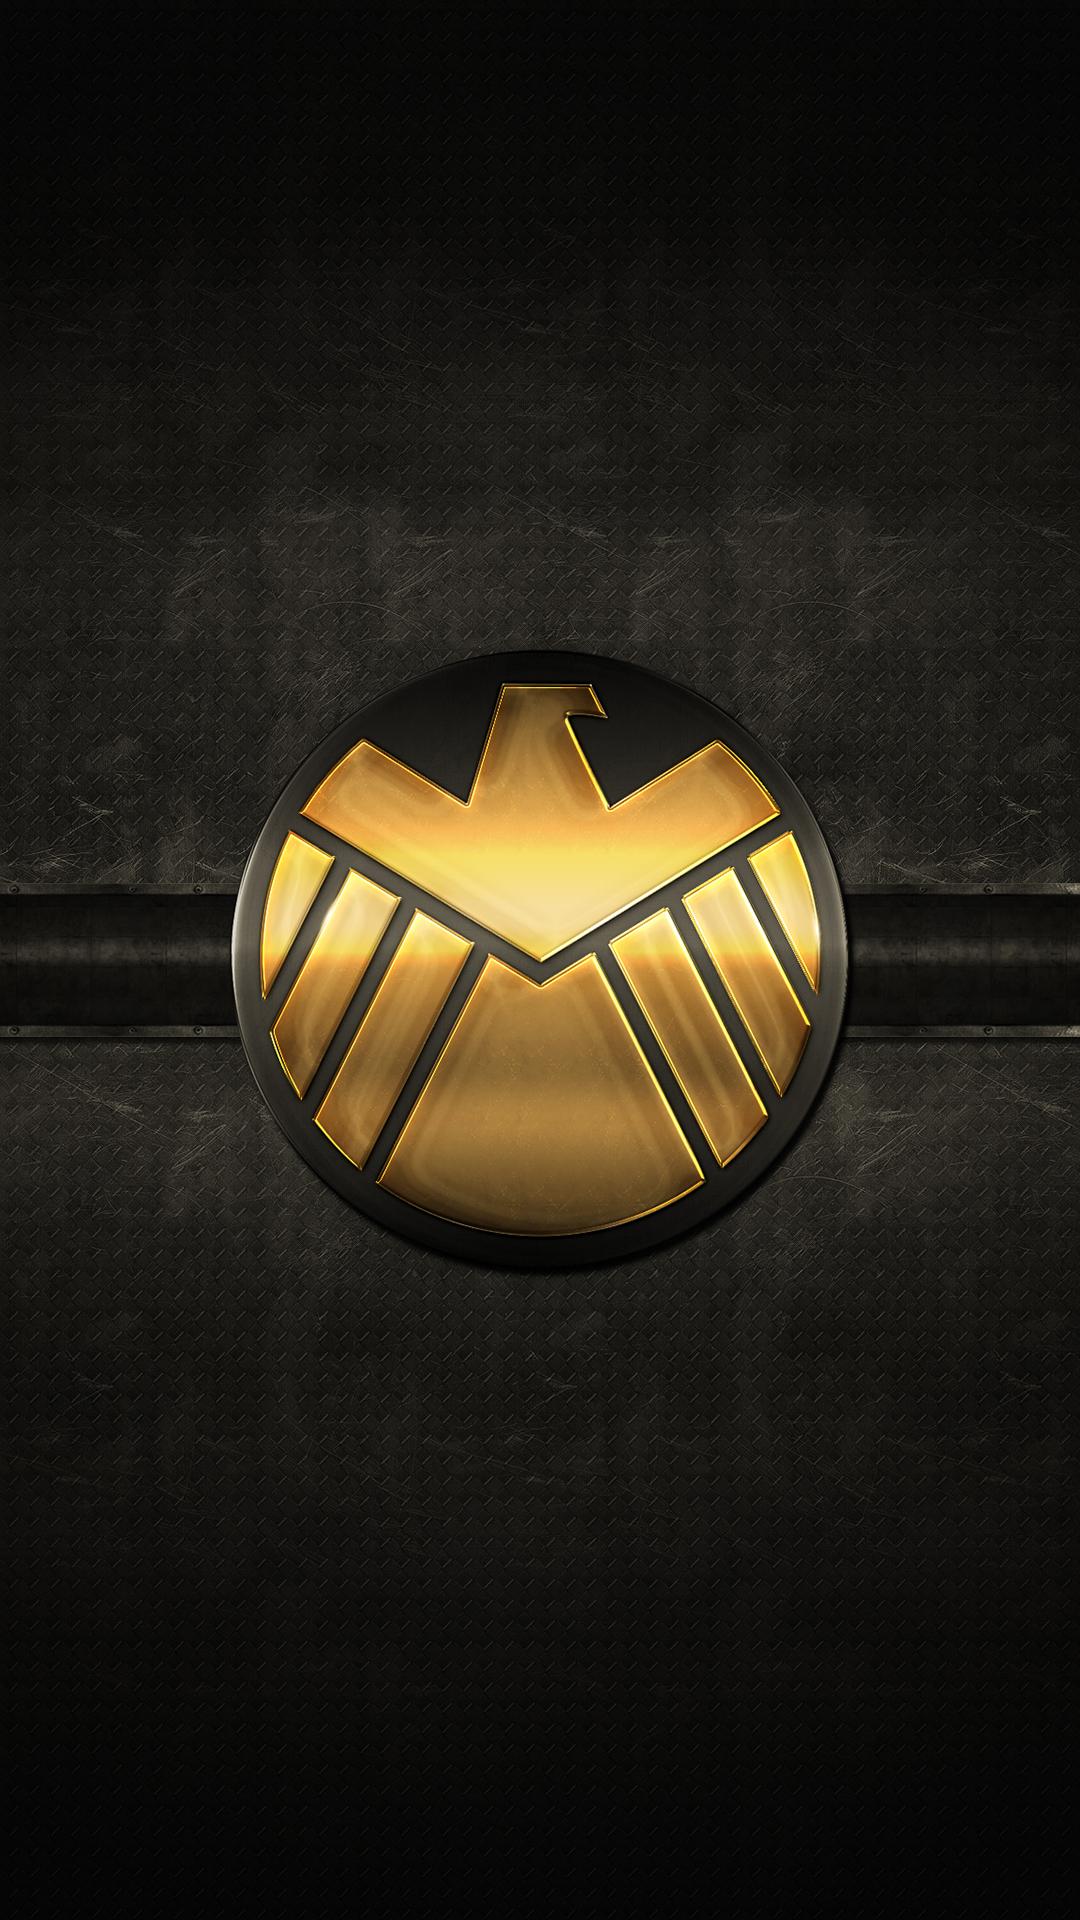 Marvel Shield iPhone Wallpaper - WallpaperSafari